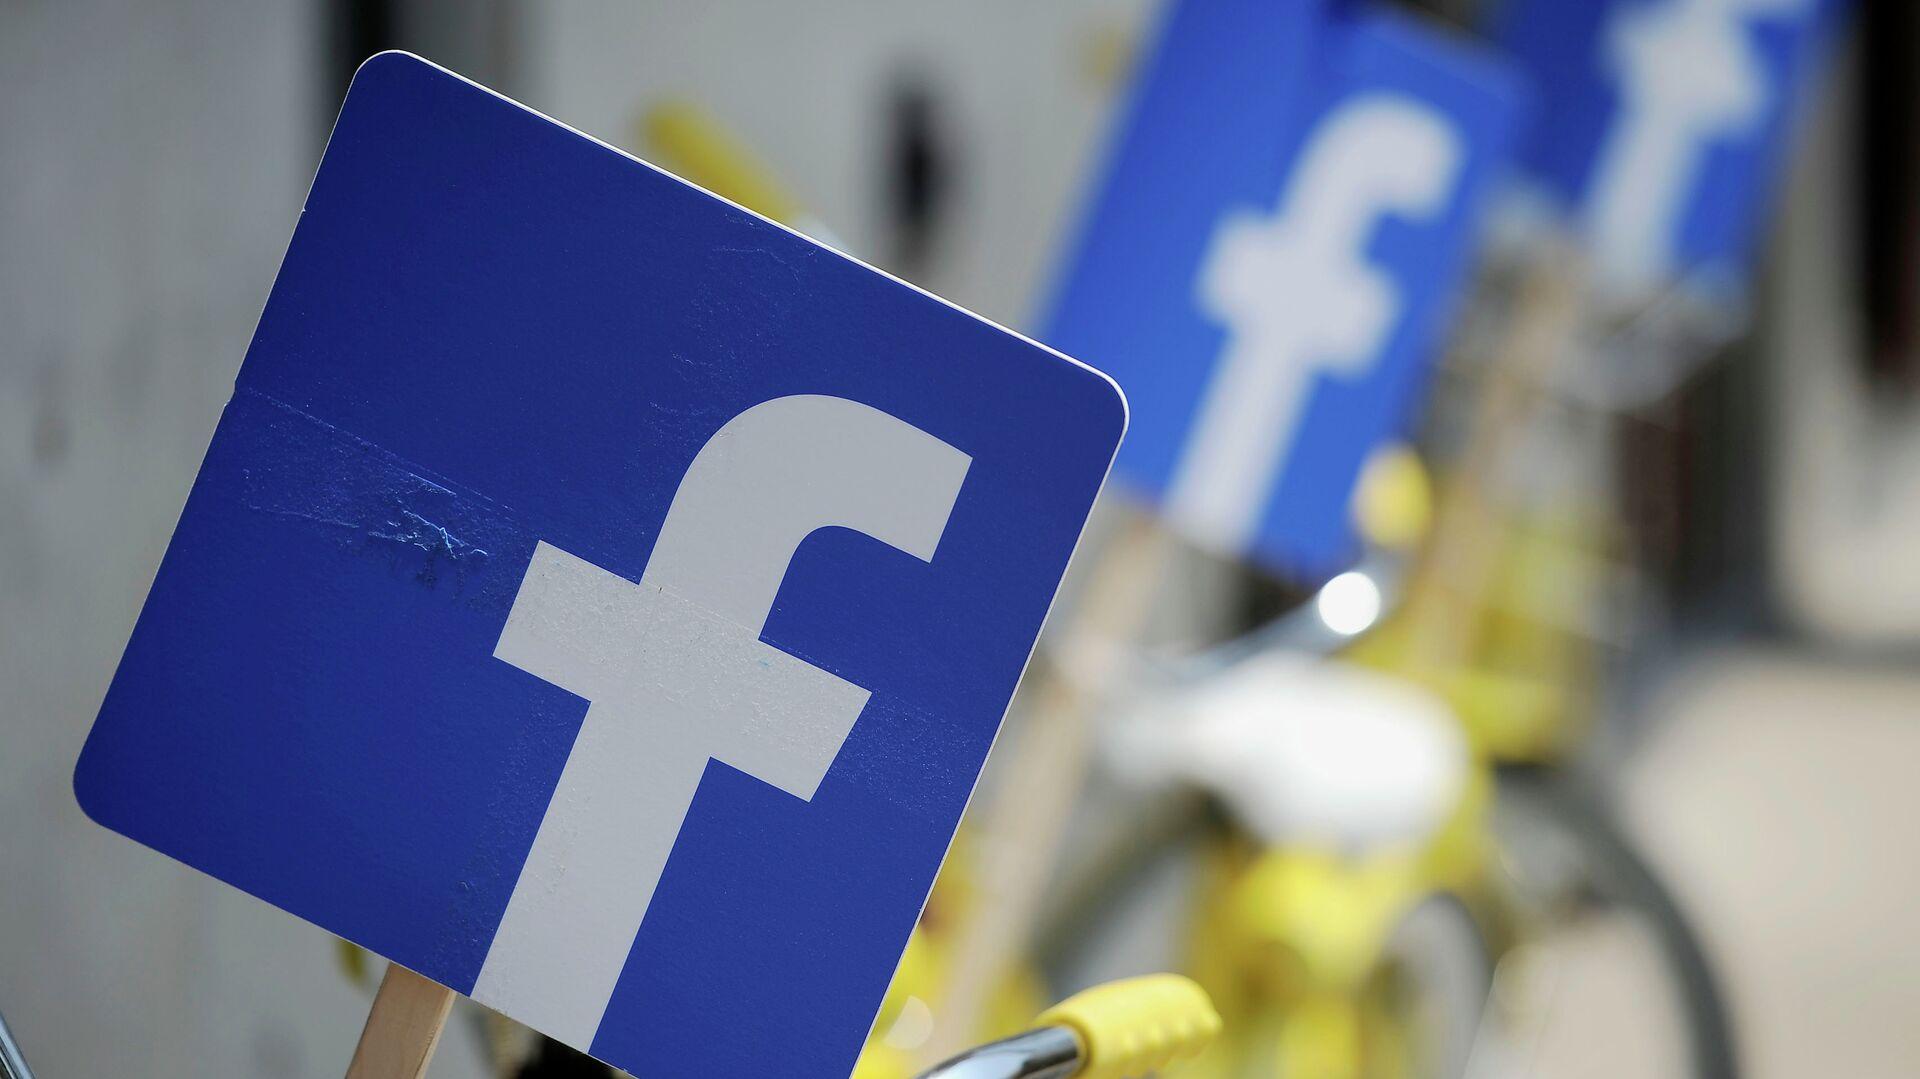 Логотип социальной сети Facebook - РИА Новости, 1920, 14.04.2021